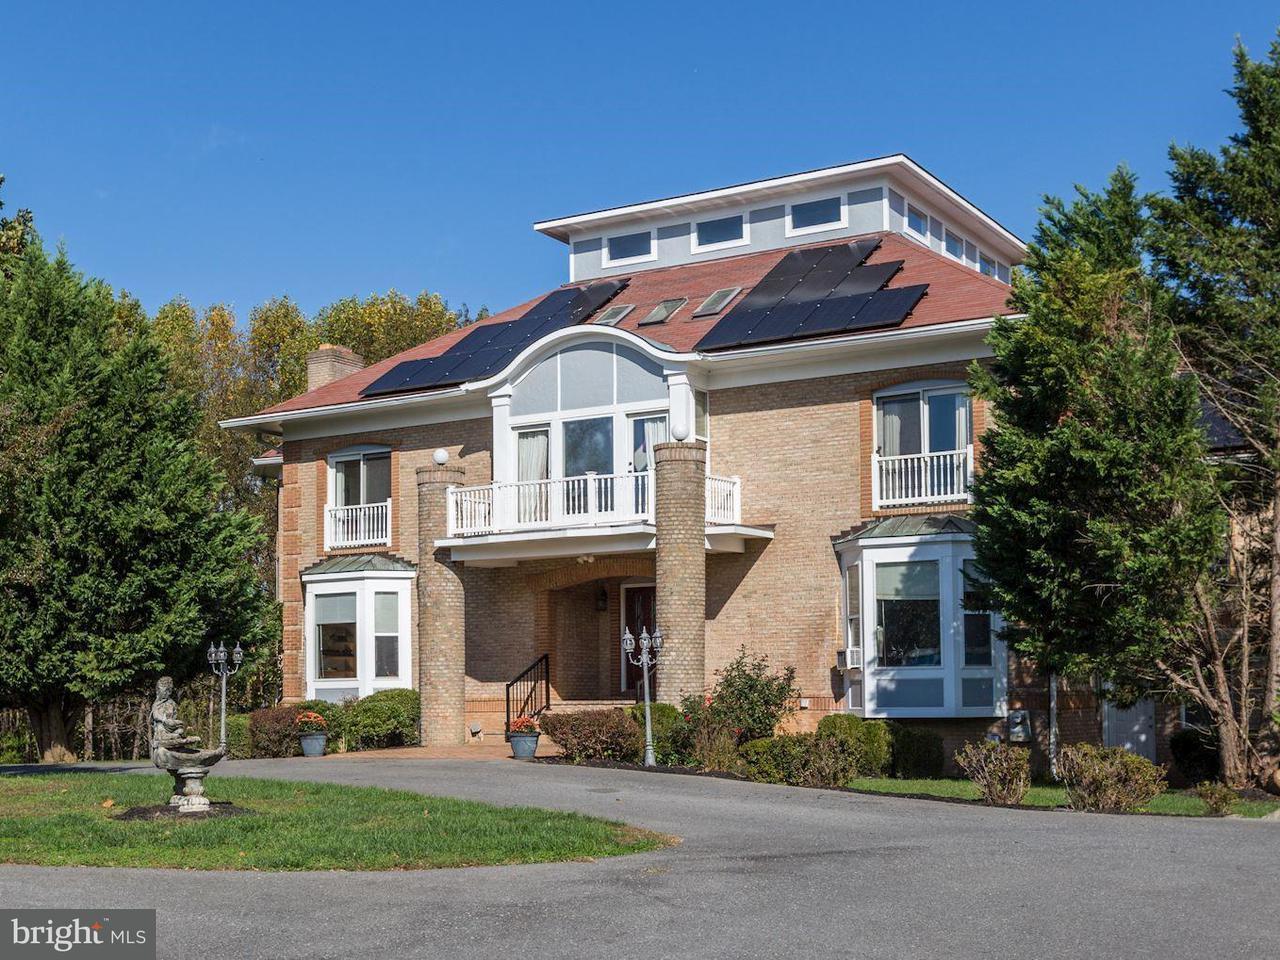 Частный односемейный дом для того Продажа на 13336 MANOR STONE Drive 13336 MANOR STONE Drive Darnestown, Мэриленд 20874 Соединенные Штаты